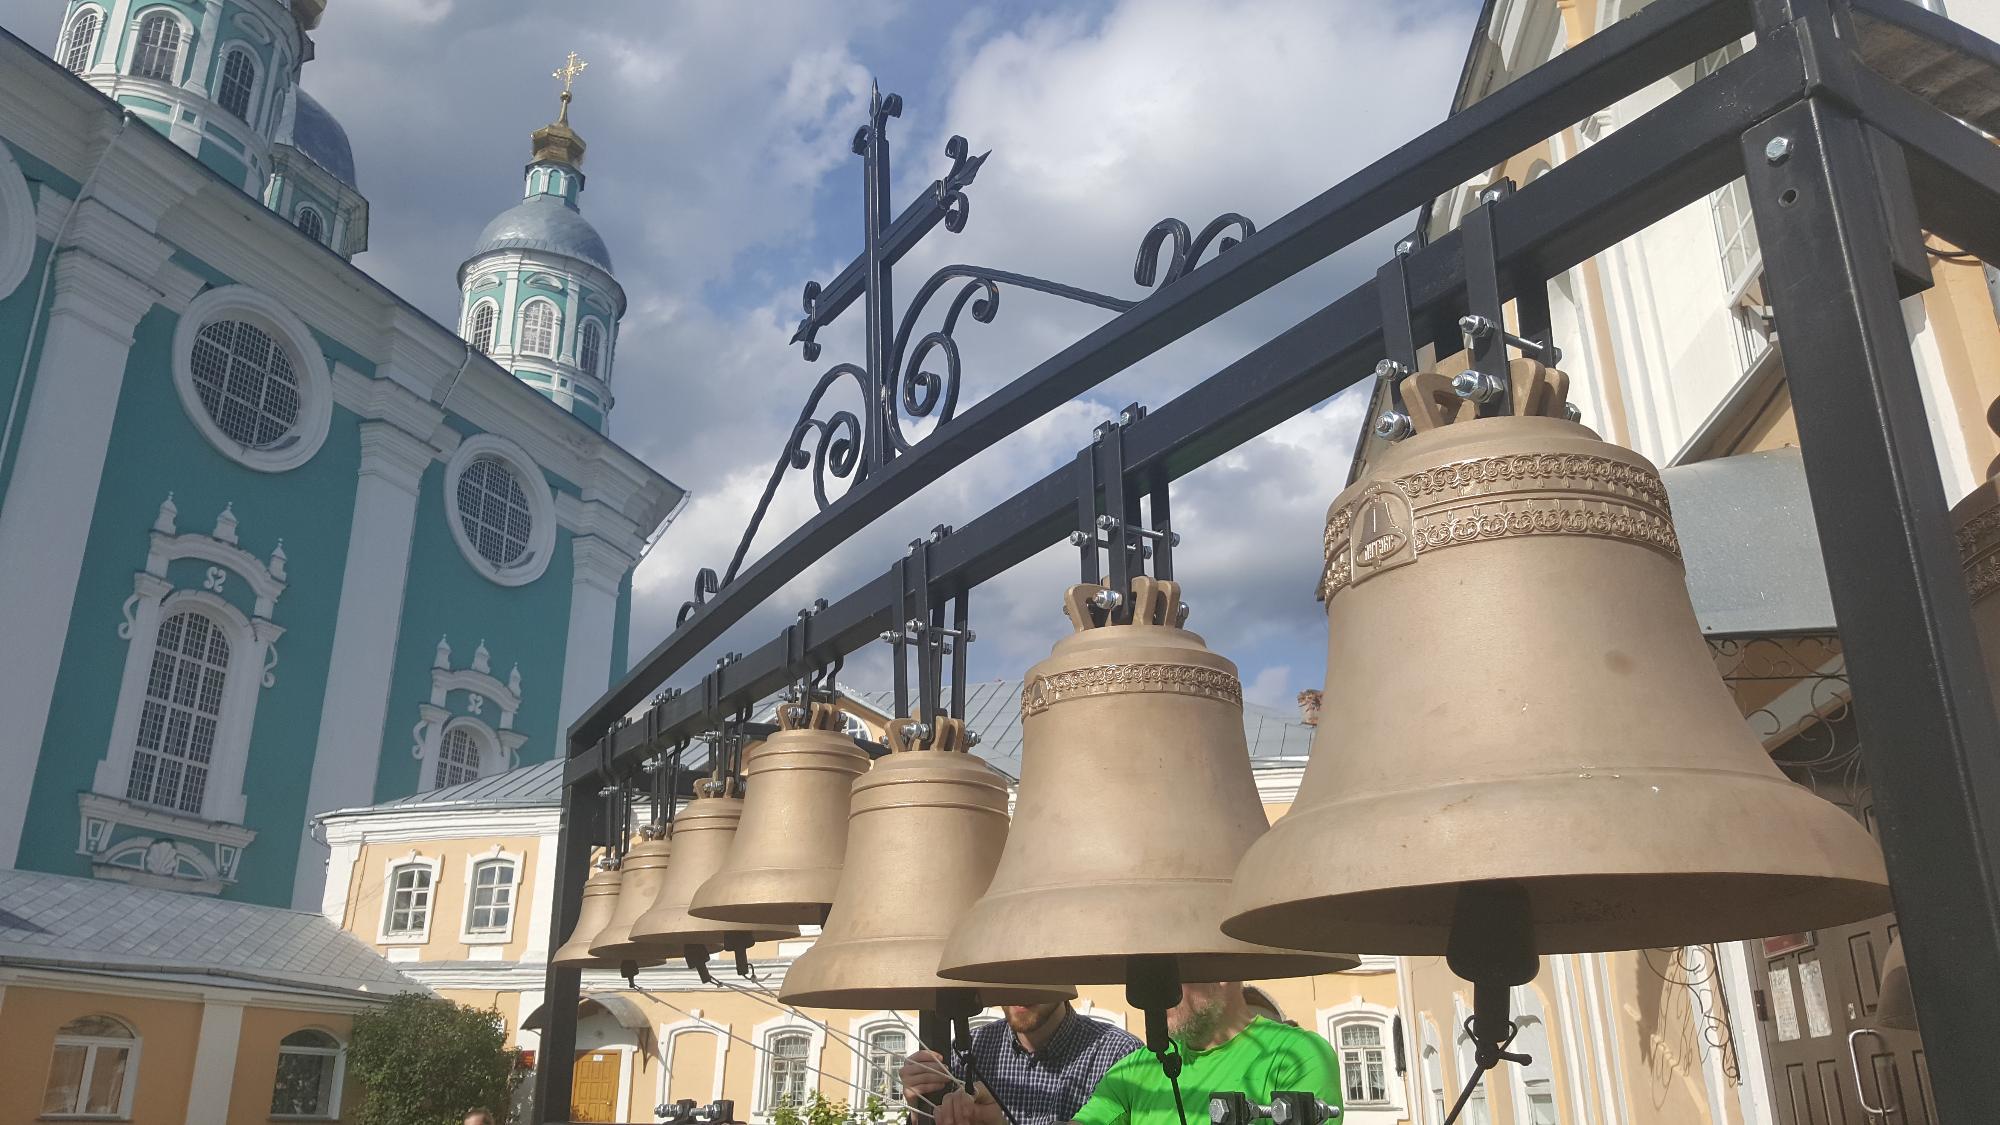 Звон колоколов церковных картинки, годом встречи мужчиной